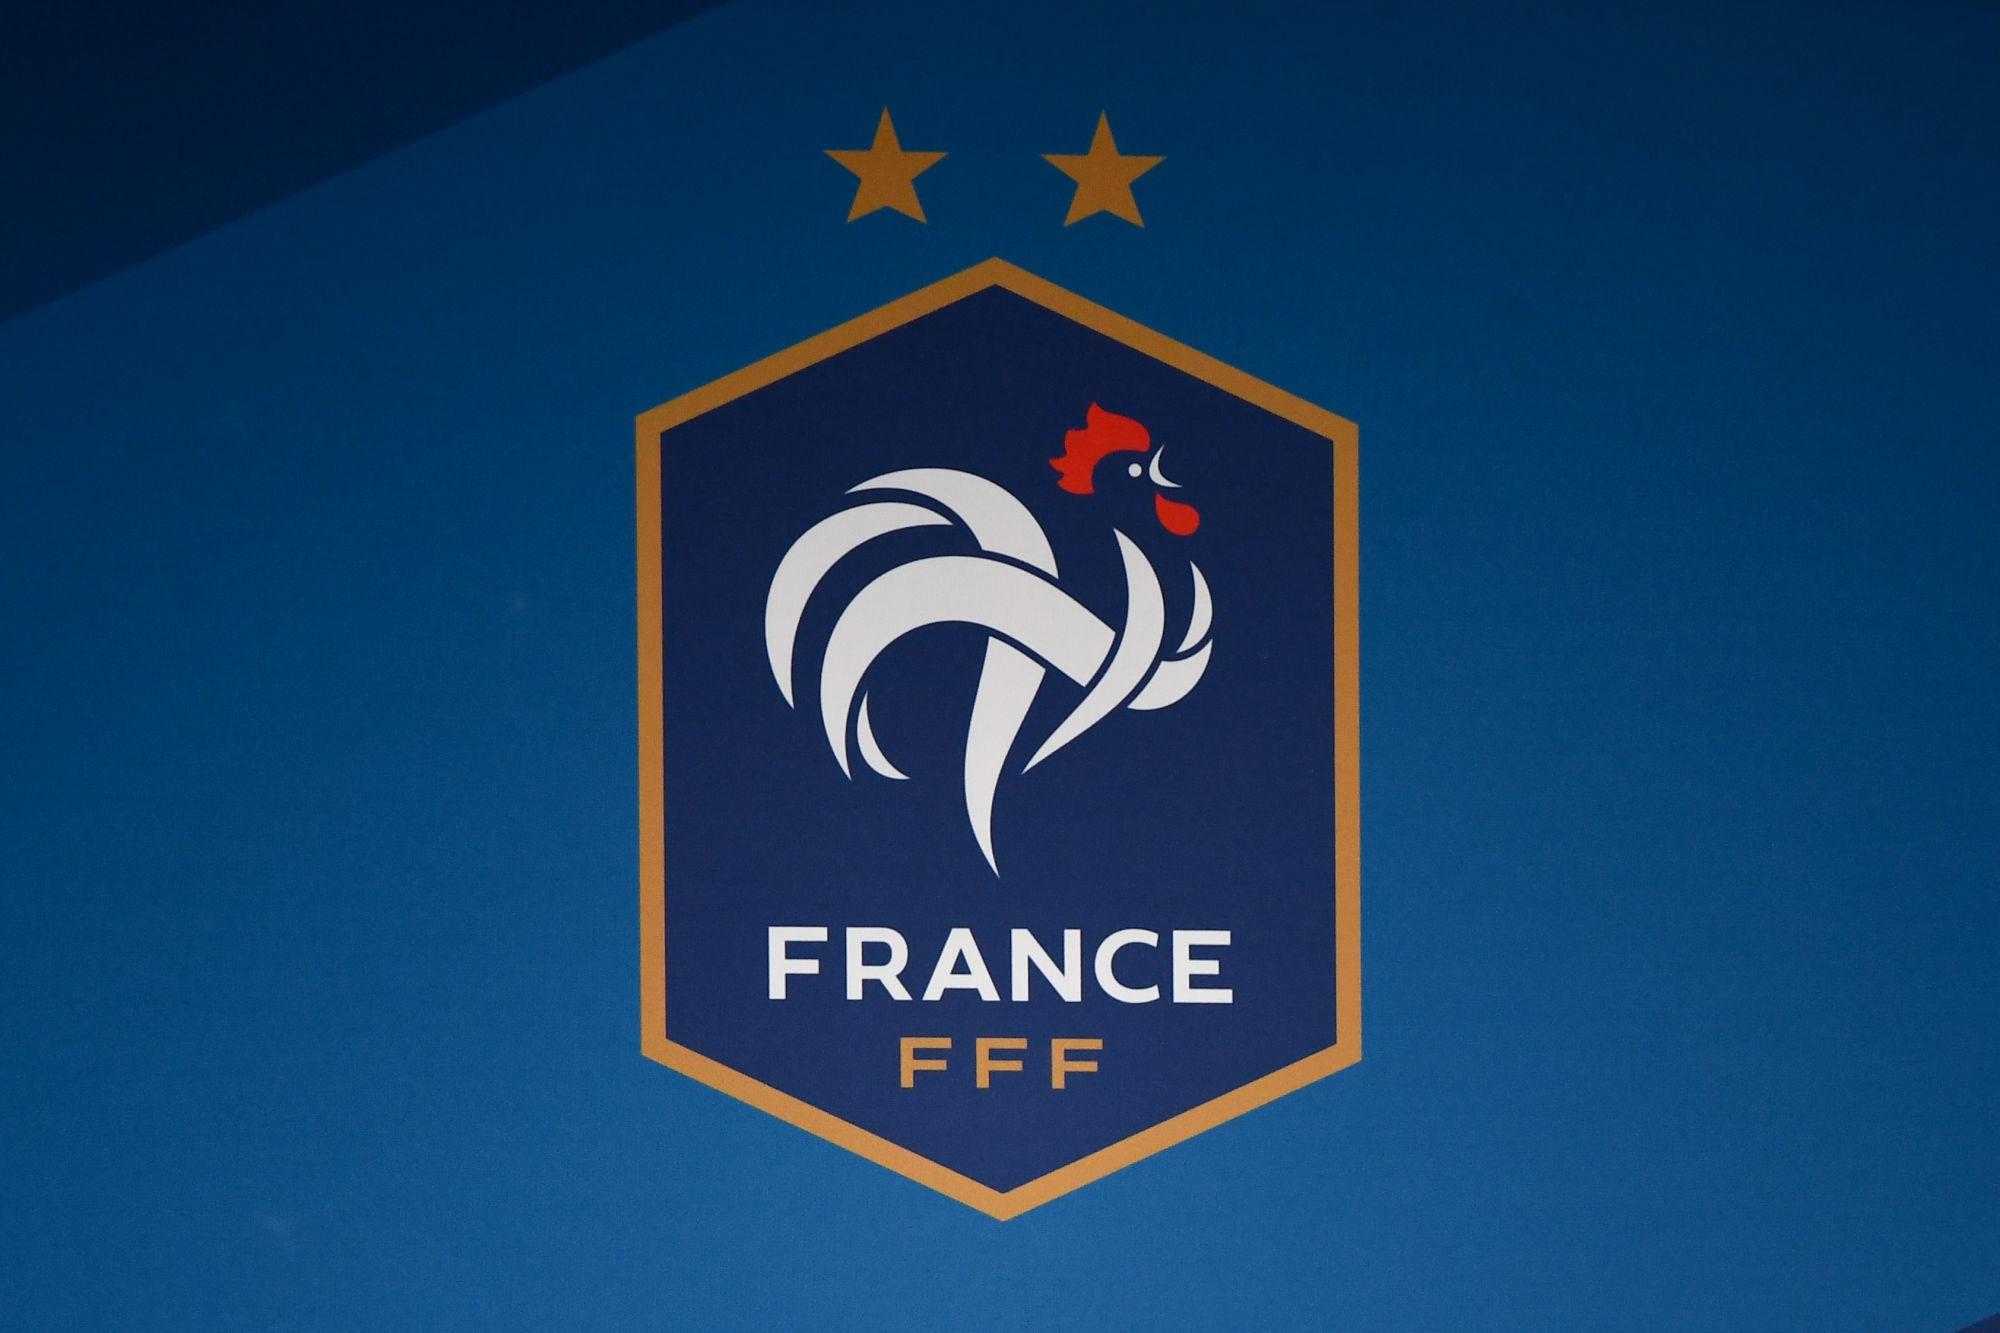 Portugal/France - Les équipes selon la presse : Mbappé incertain, Kimpembe et Danilo titulaires